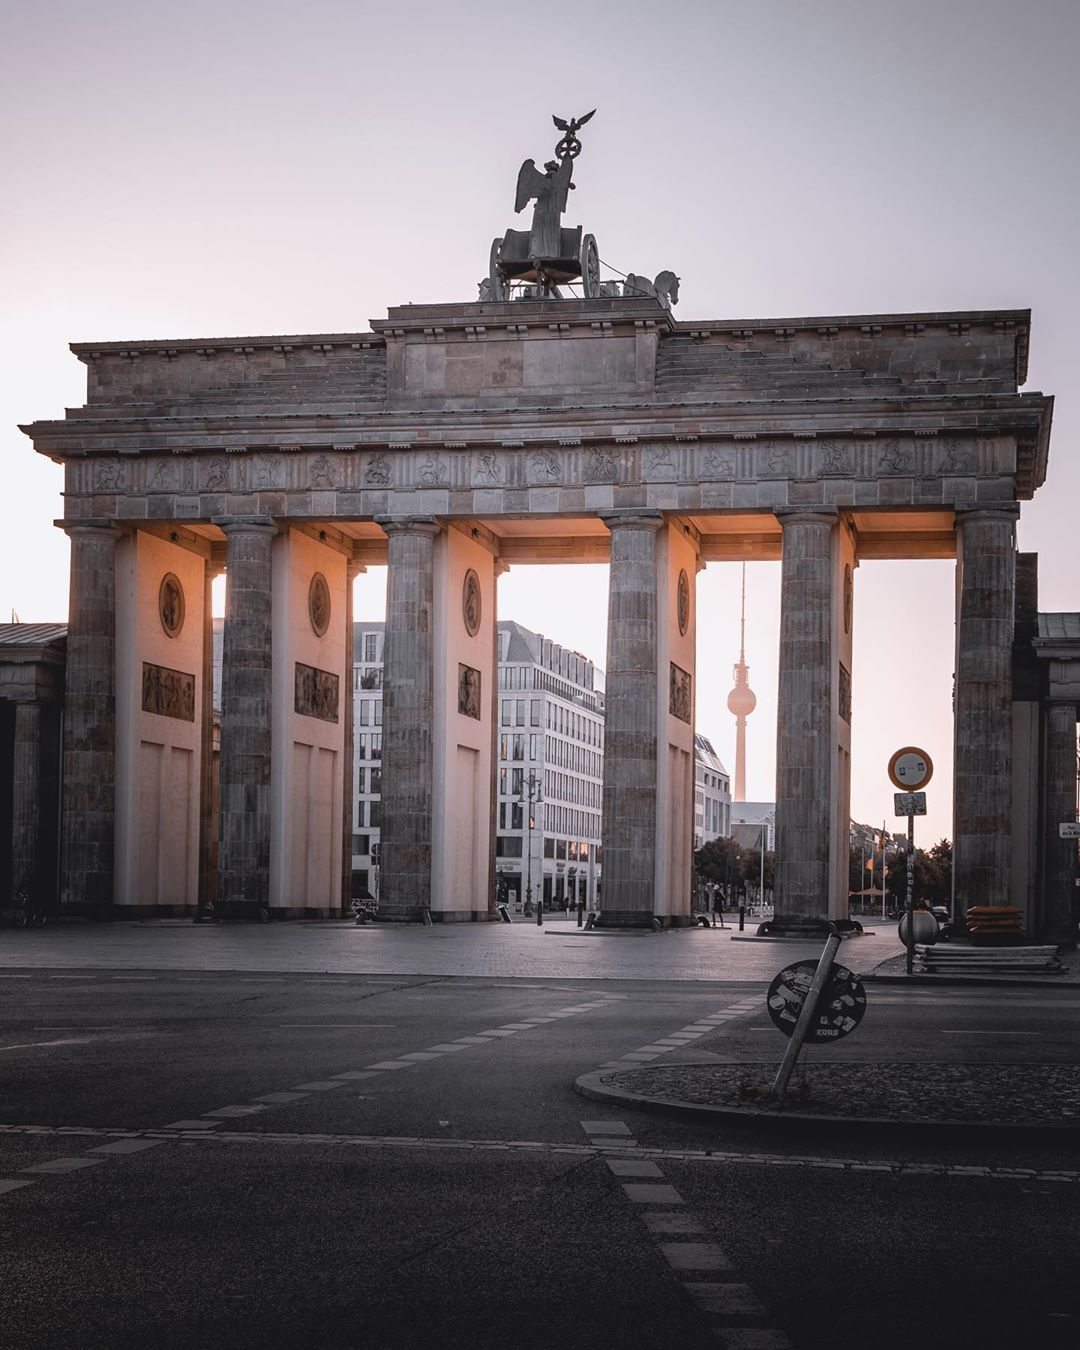 20 Schone Bilder Aus Berlin Deutschland Germany Reisen Travel Fotografie Photography Reisefotografie Travelphotograp Reisefotografie Berlin Deutschland